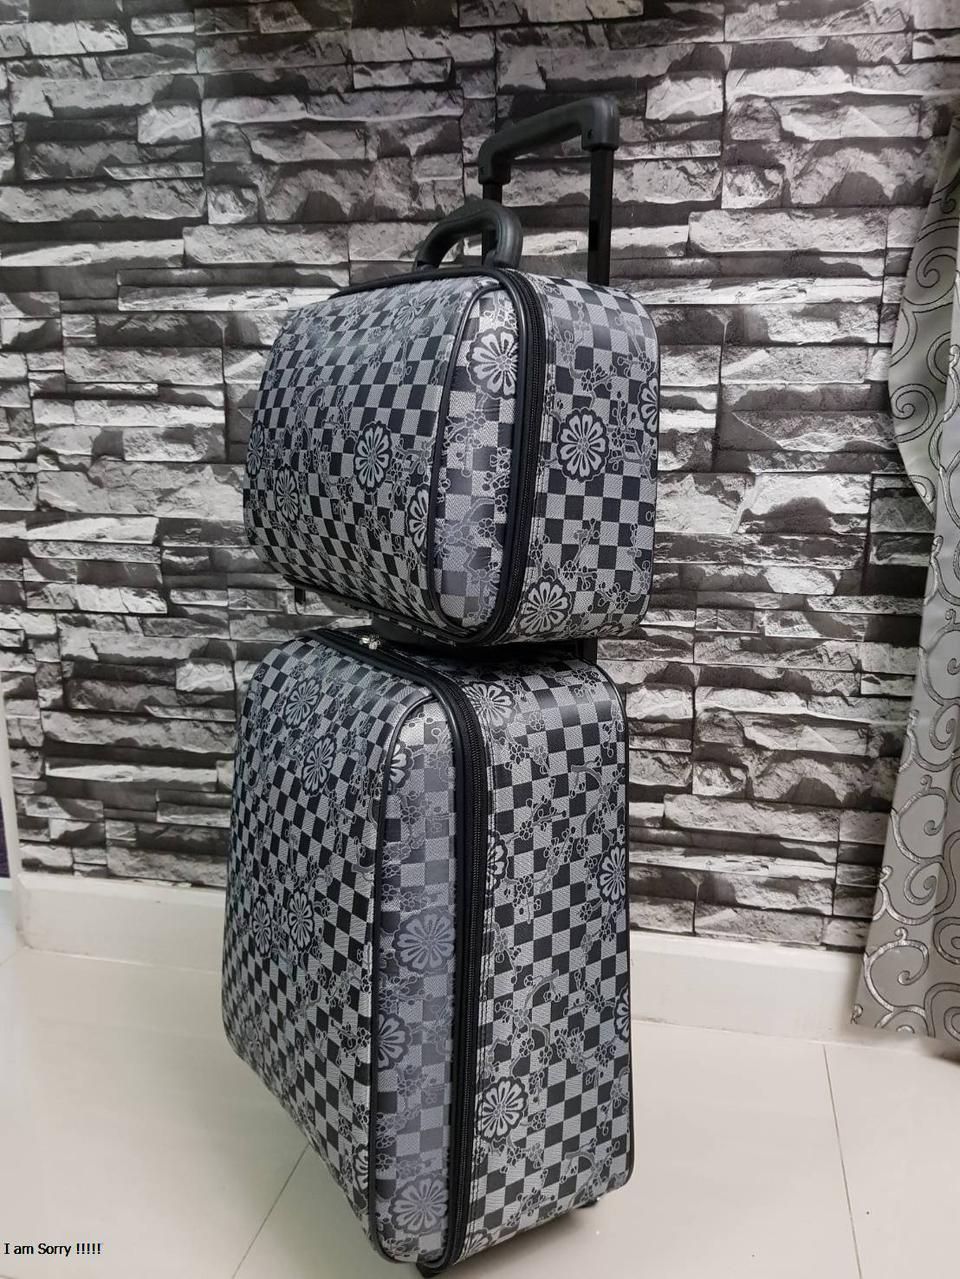 กระเป๋าเดินทางแบบผ้า เซ็ทคู่ 18/13 นิ้ว ลาย Gray/Black รูปที่ 3